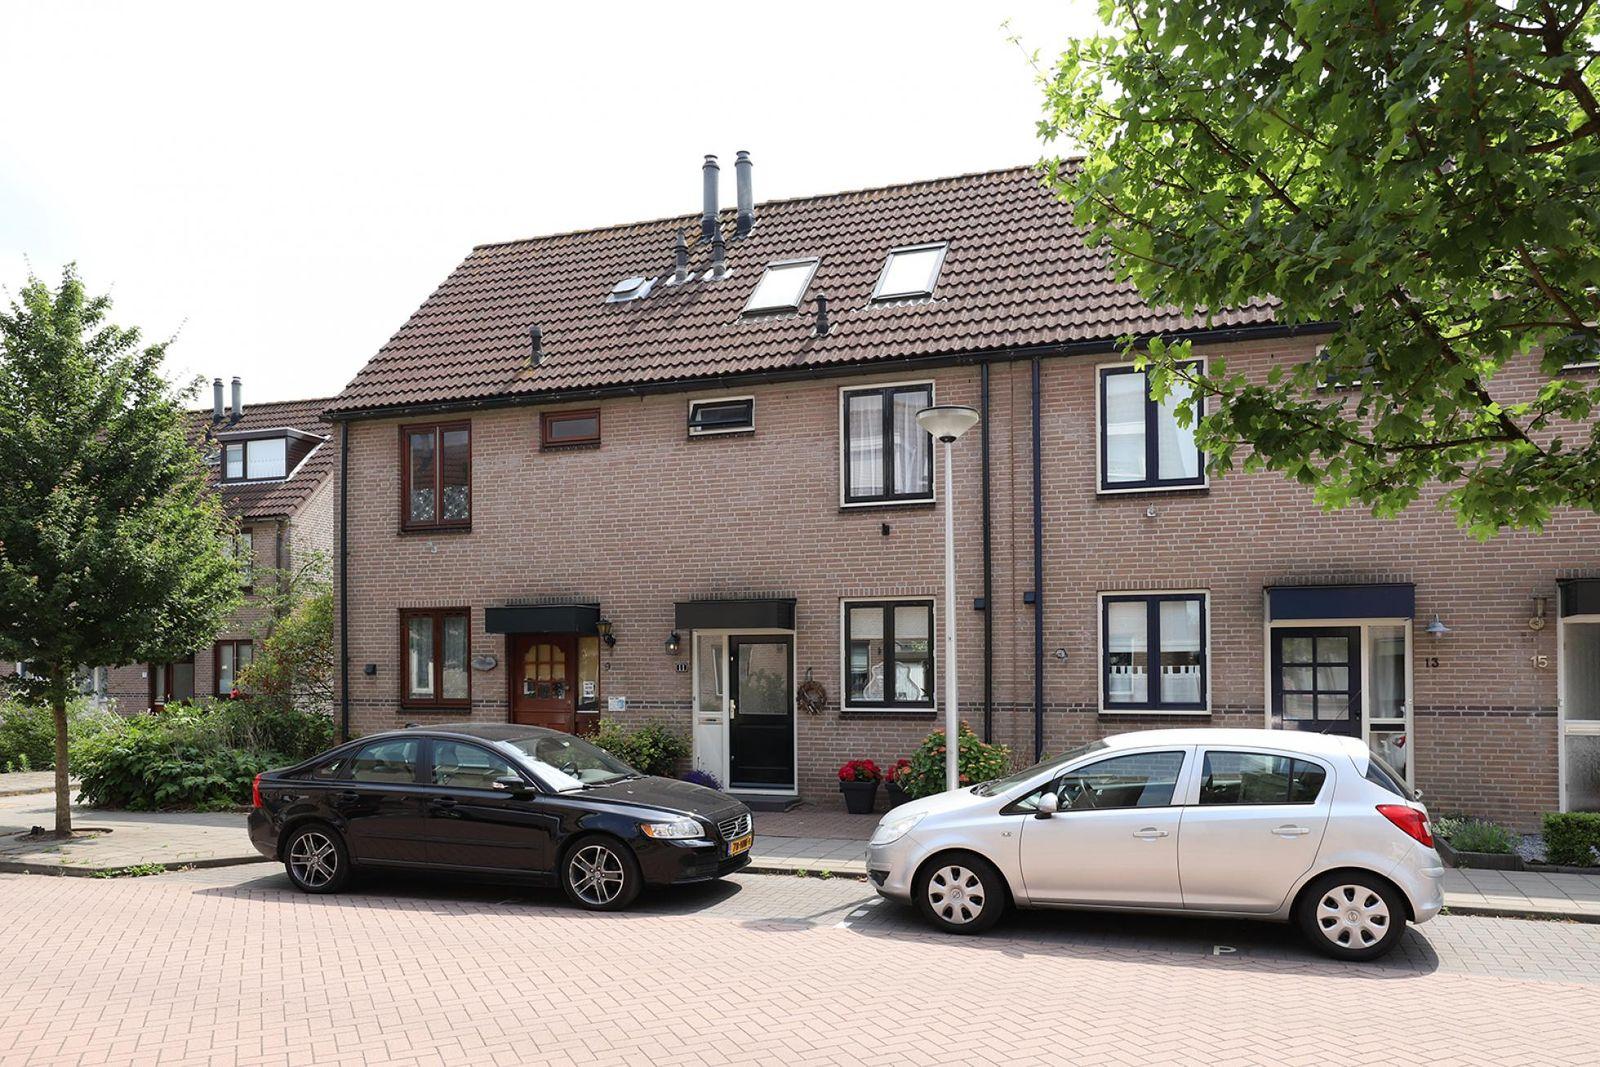 Jaap de Jongstraat 11, Nieuw-lekkerland